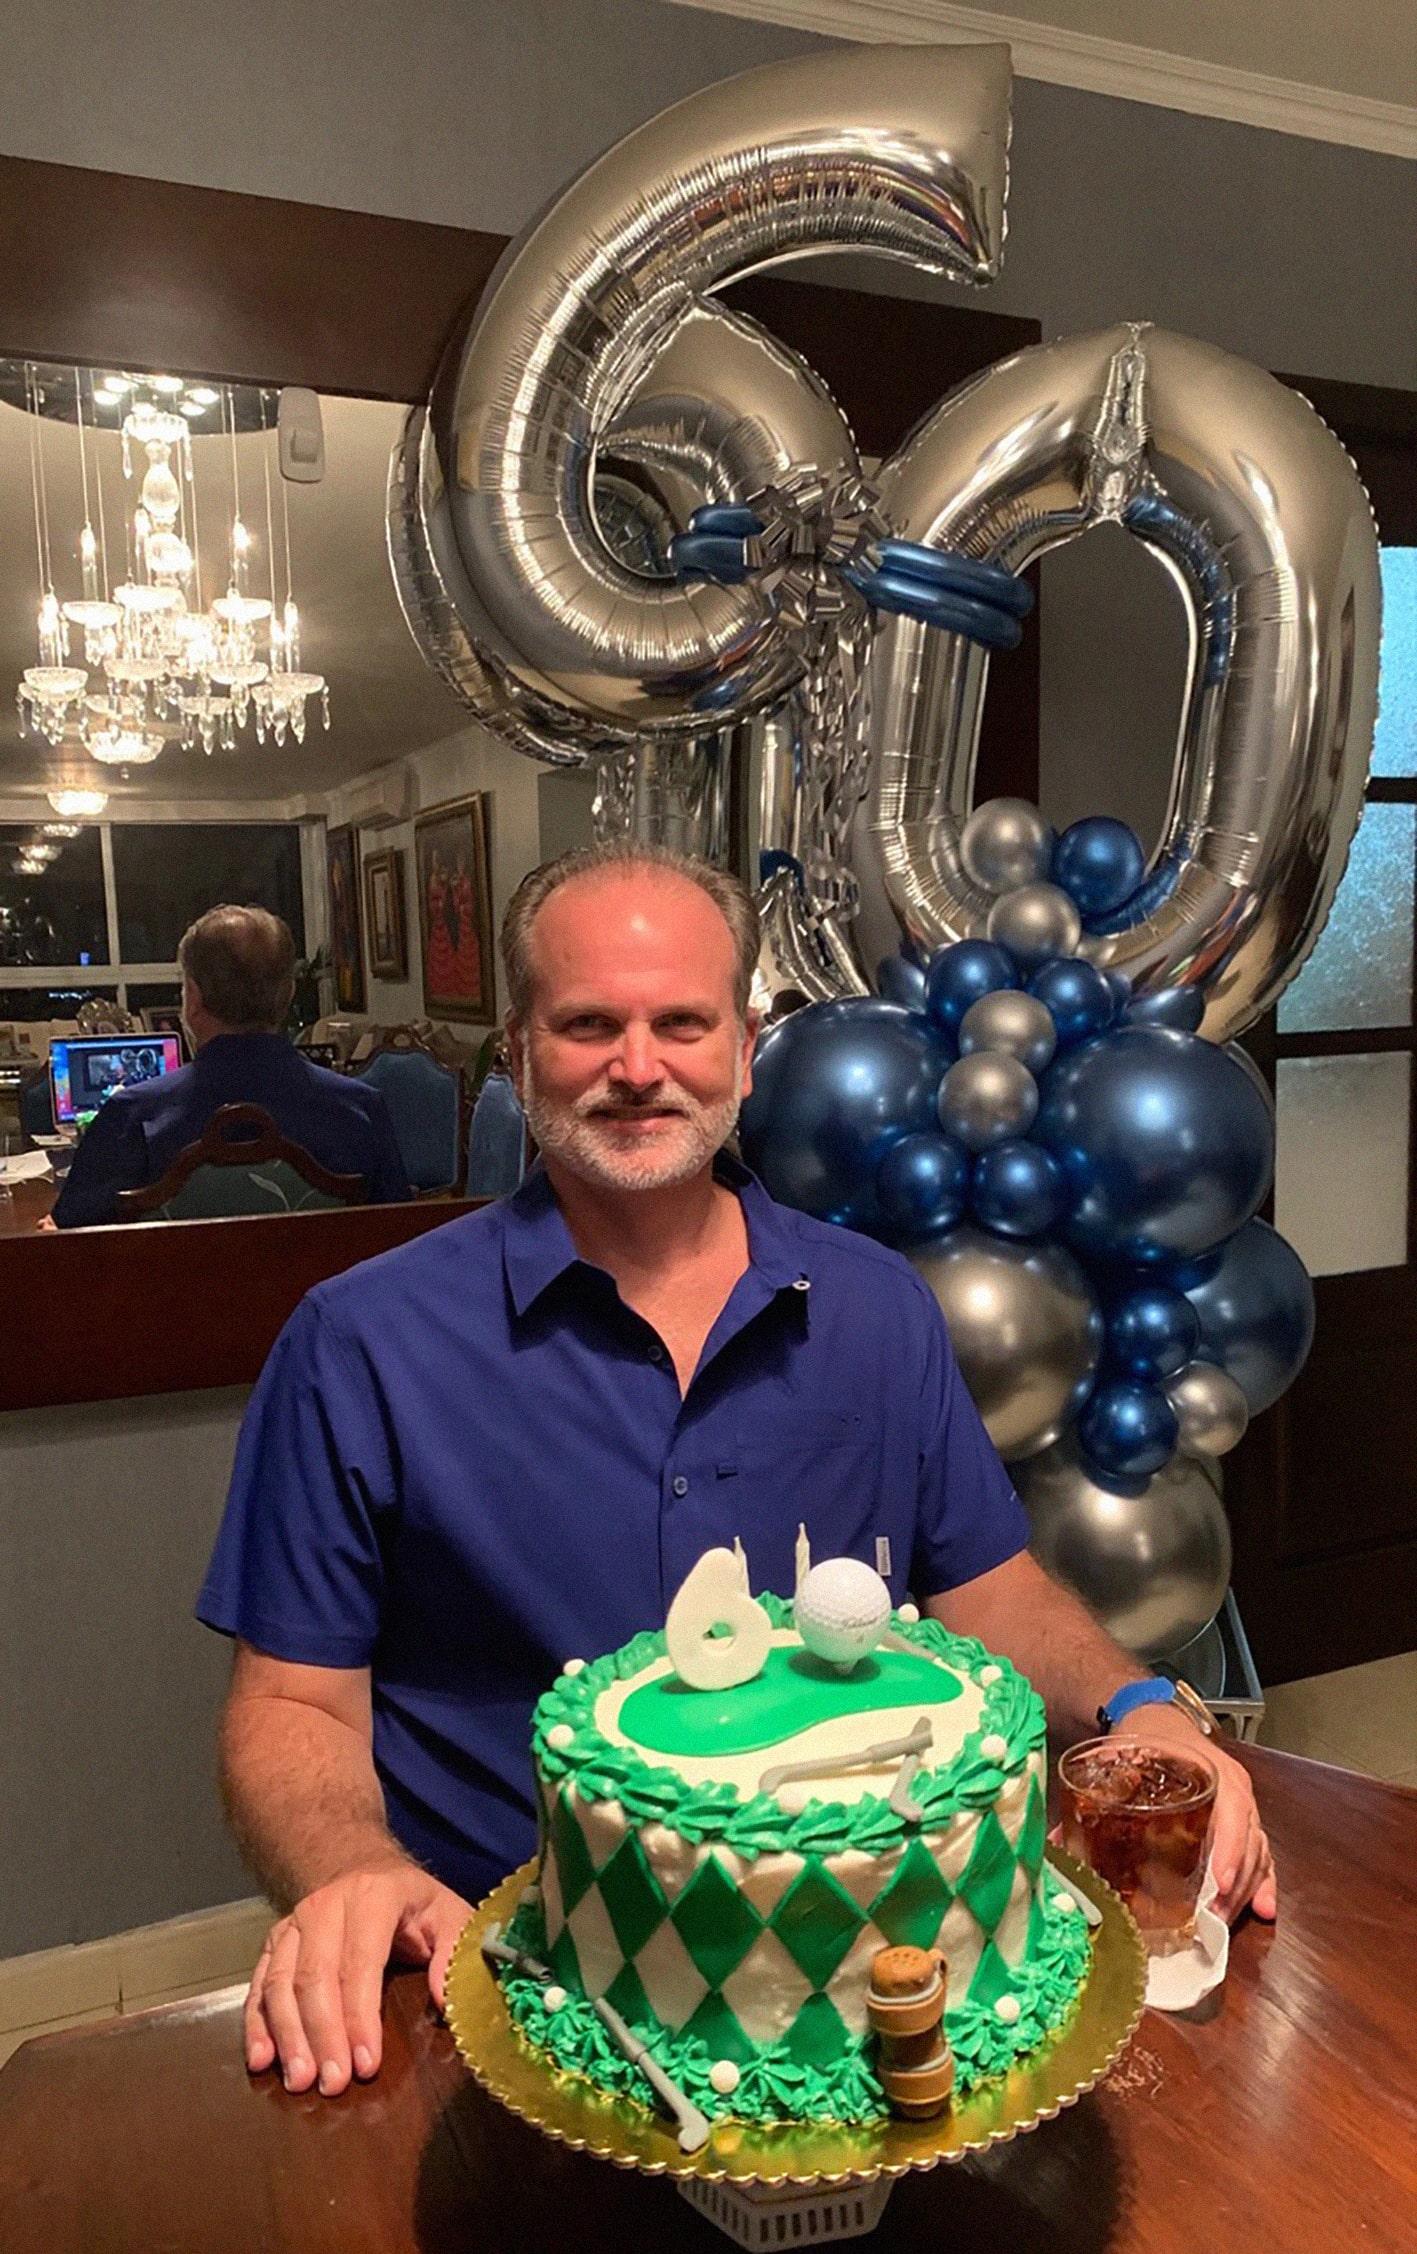 EVENTOS SOCIALES    Brindis de cumpleaños de Octavio Stagg